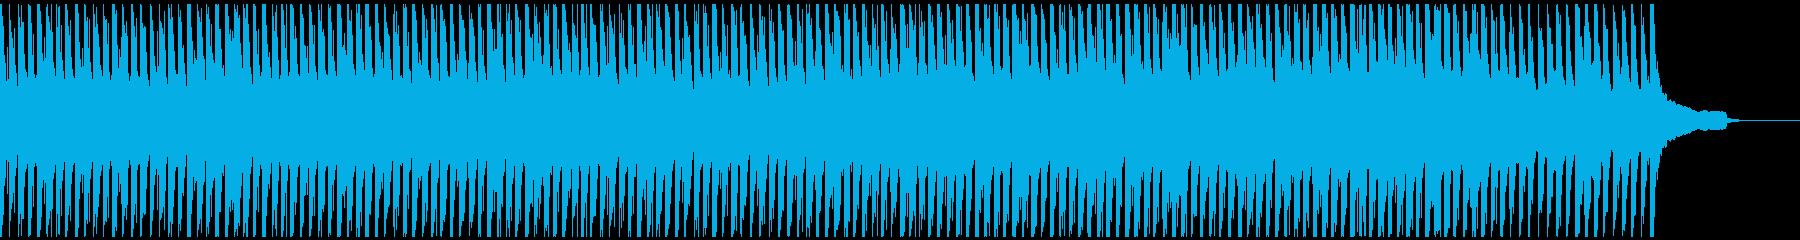 シックな雰囲気の曲の再生済みの波形